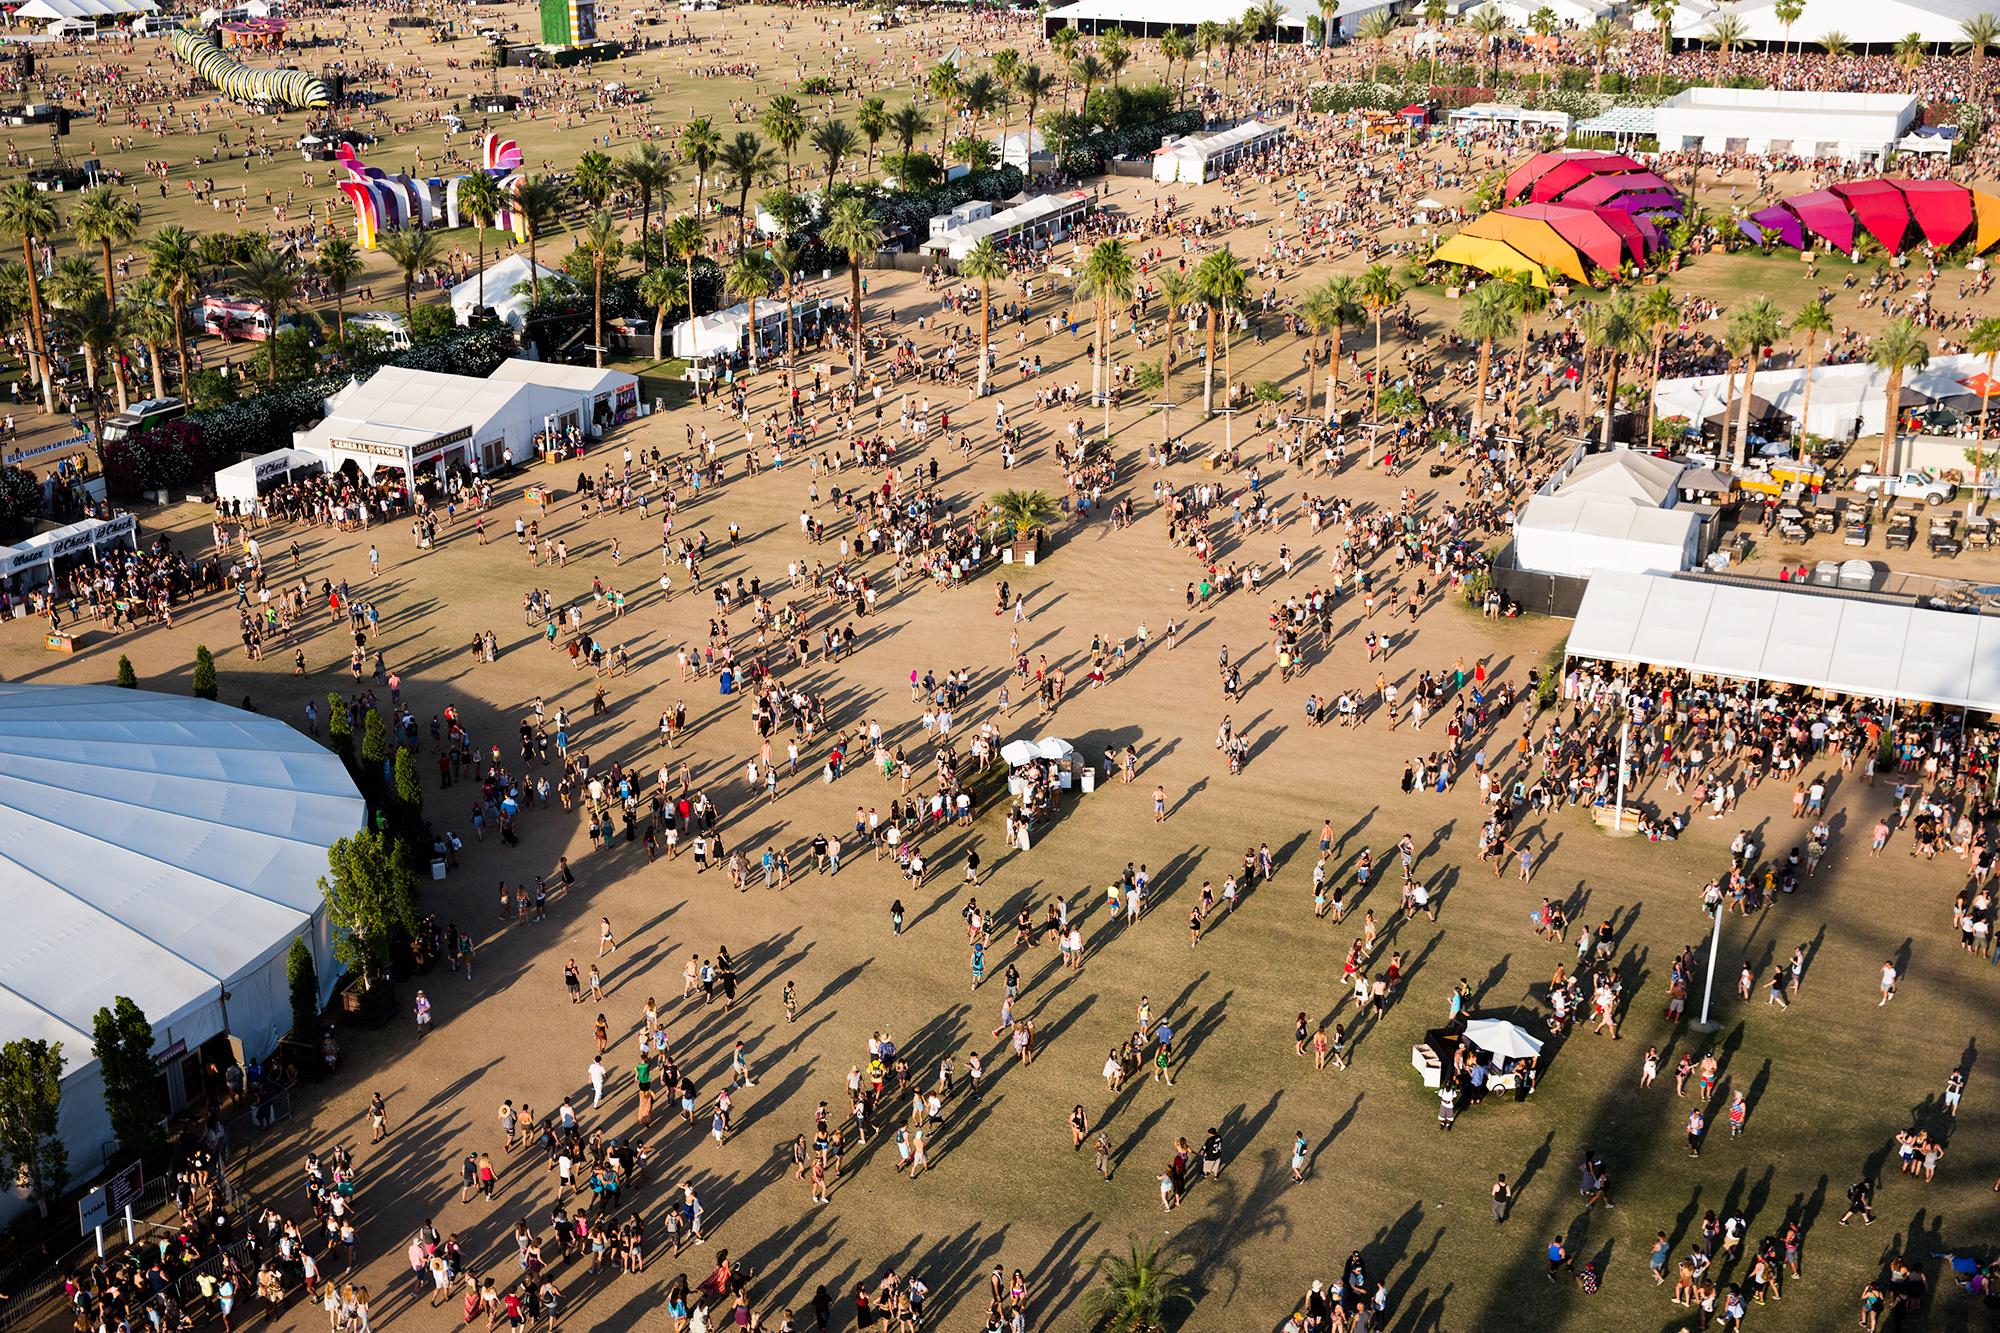 An aerial view of Coachella.